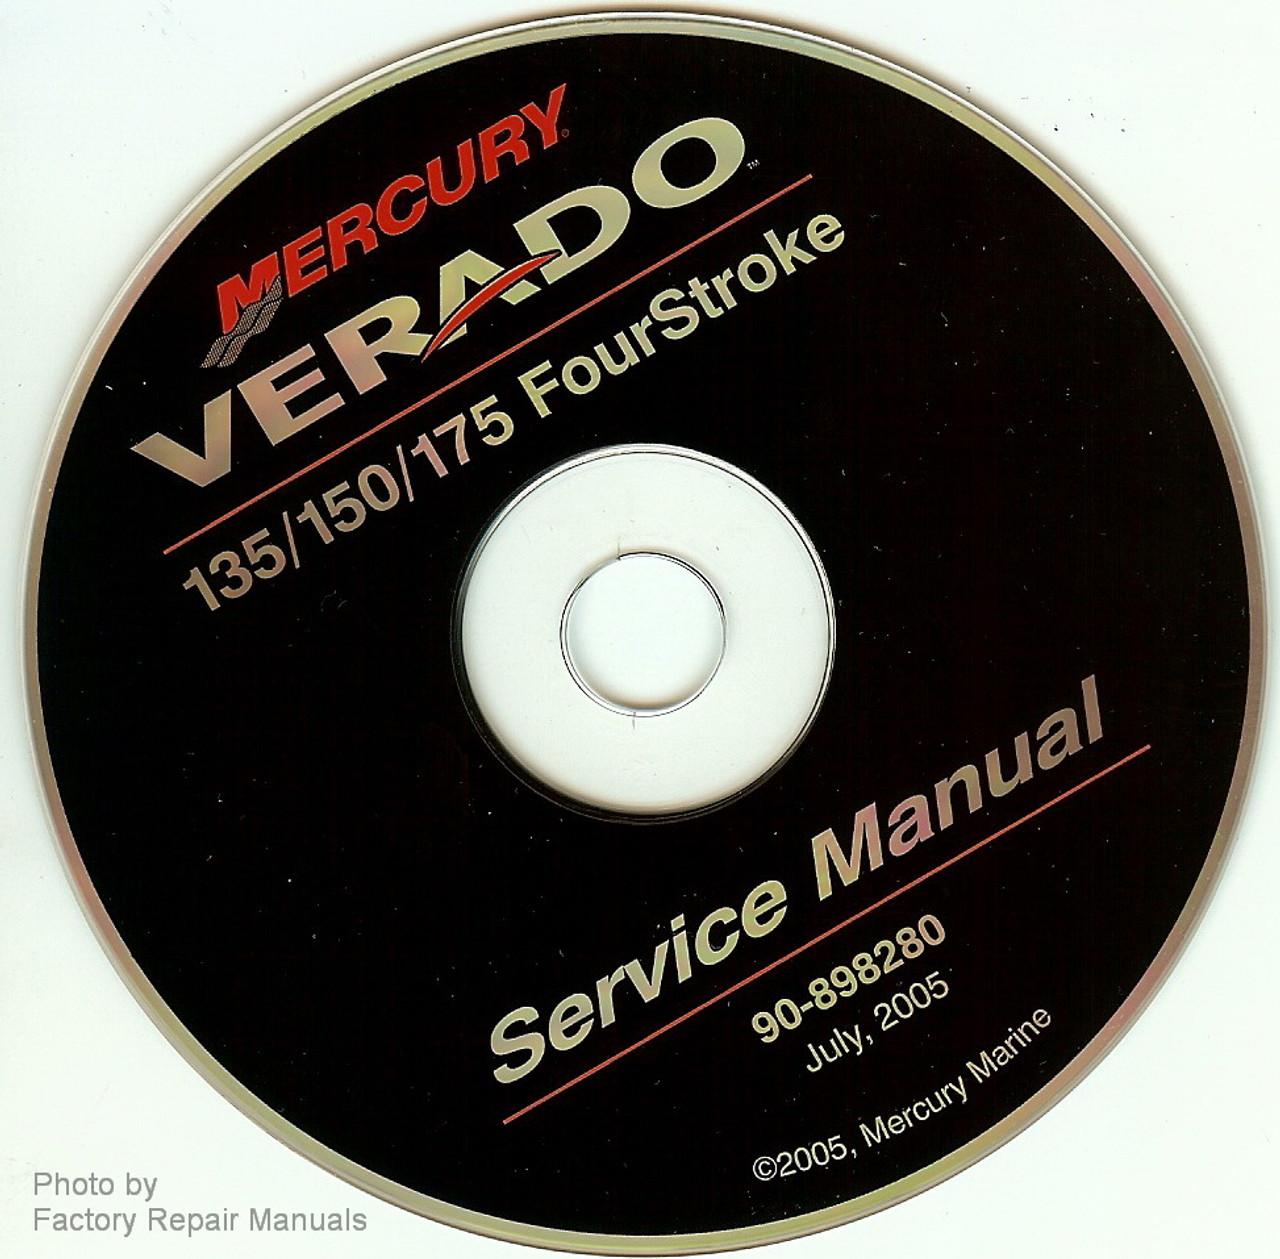 2006 Chevy Cobalt Repair Manual Factory